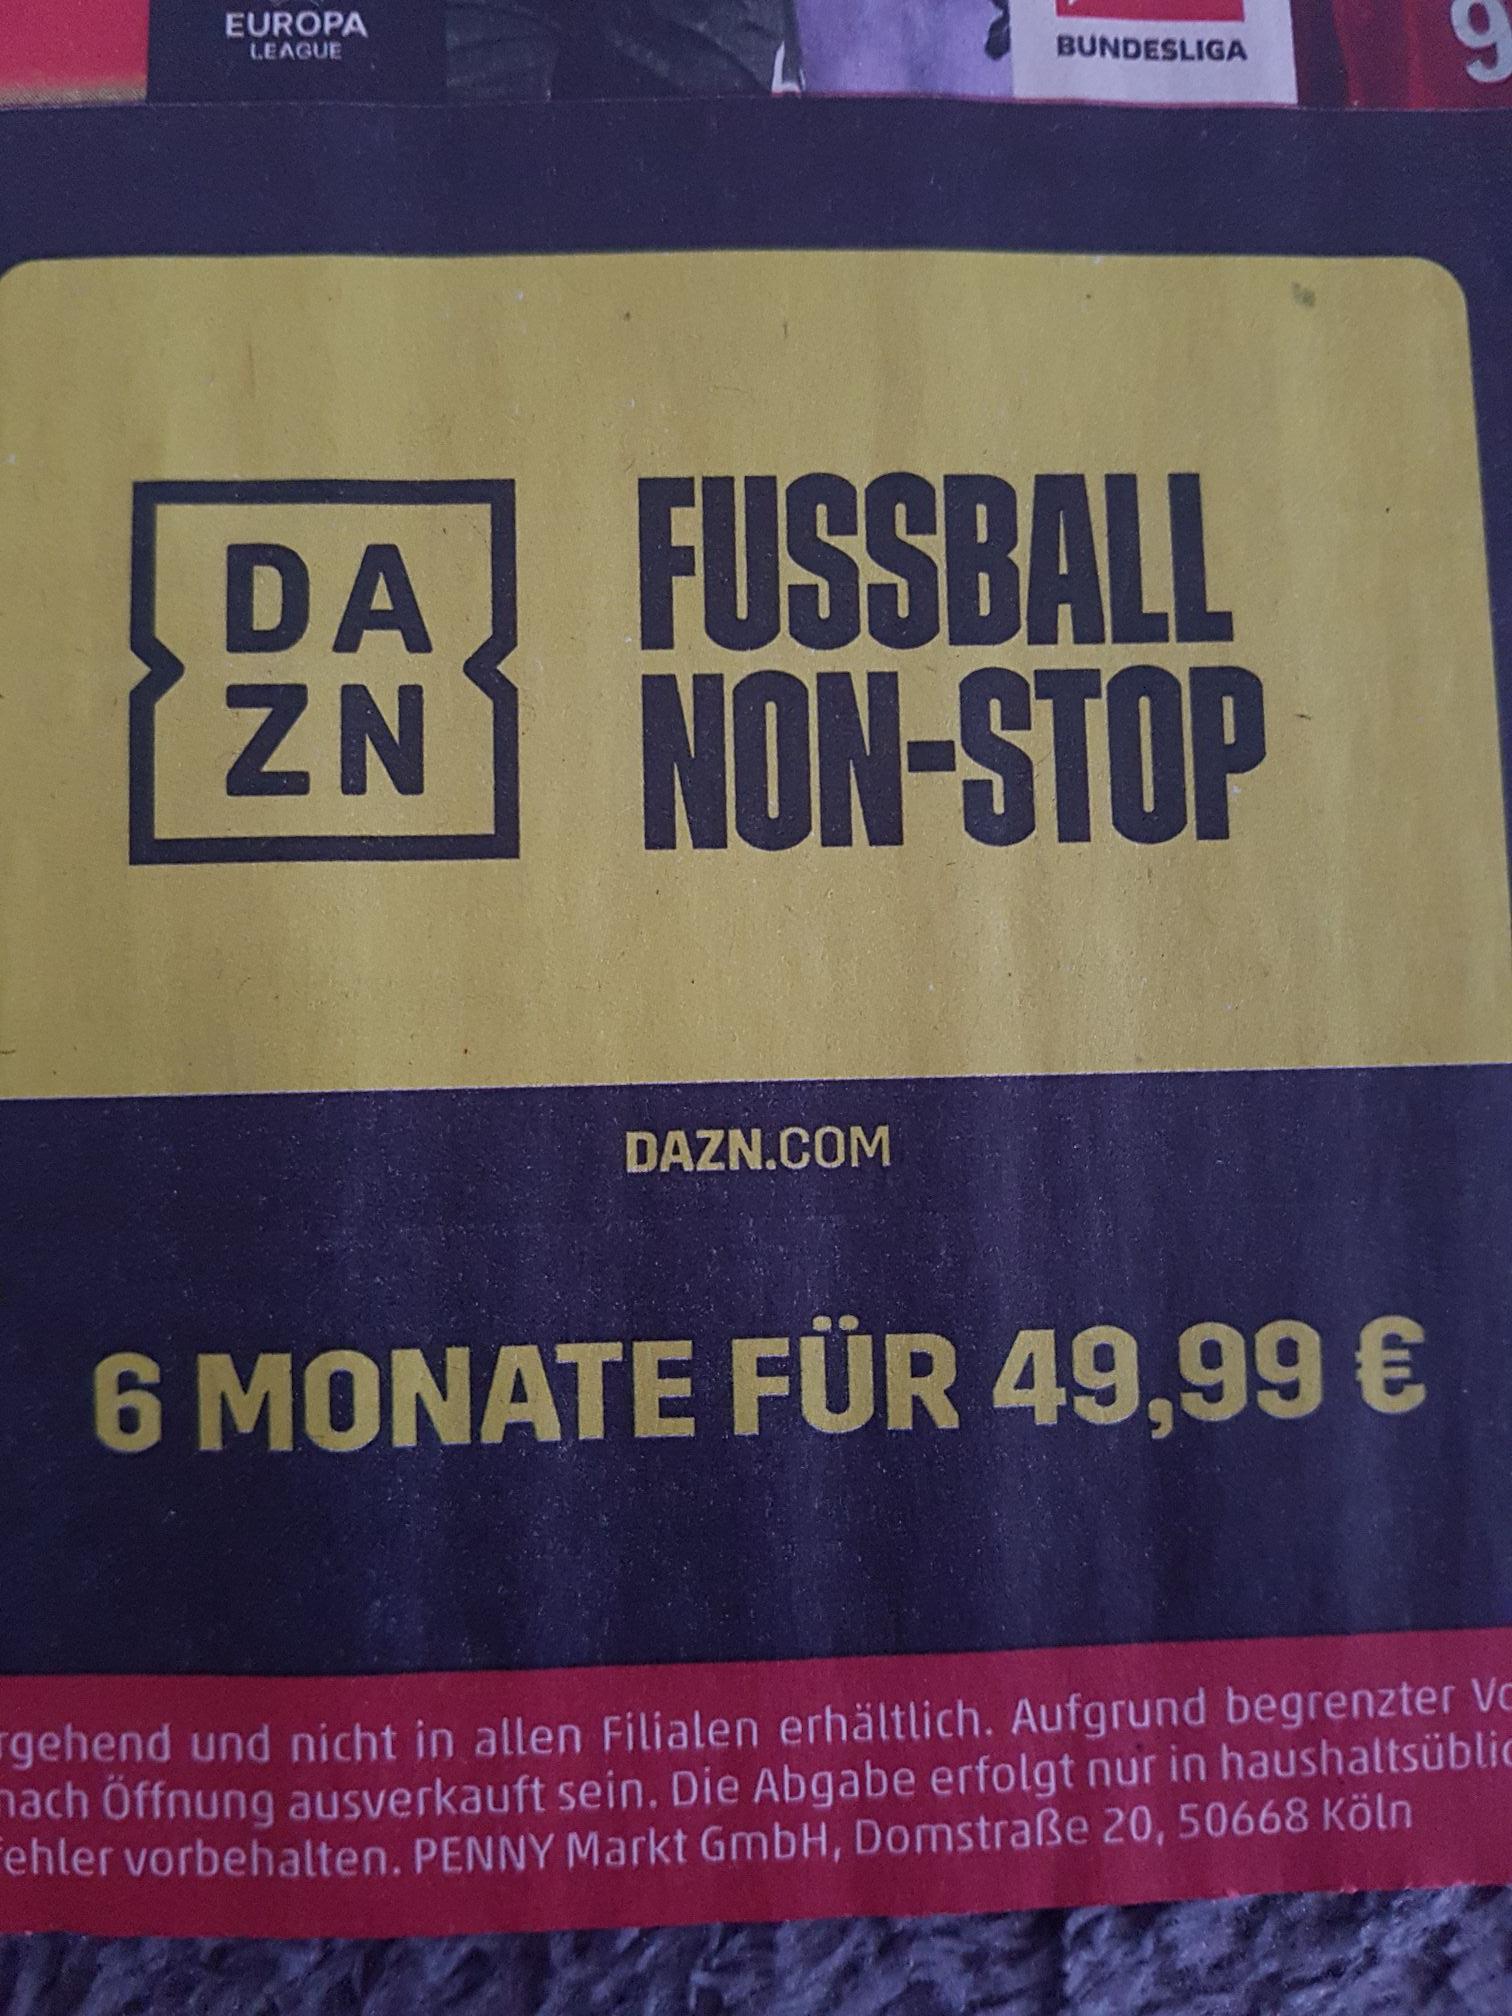 Dazn Fussball Non Stop, 6 Monate für 49,99€, Penny Gutschein